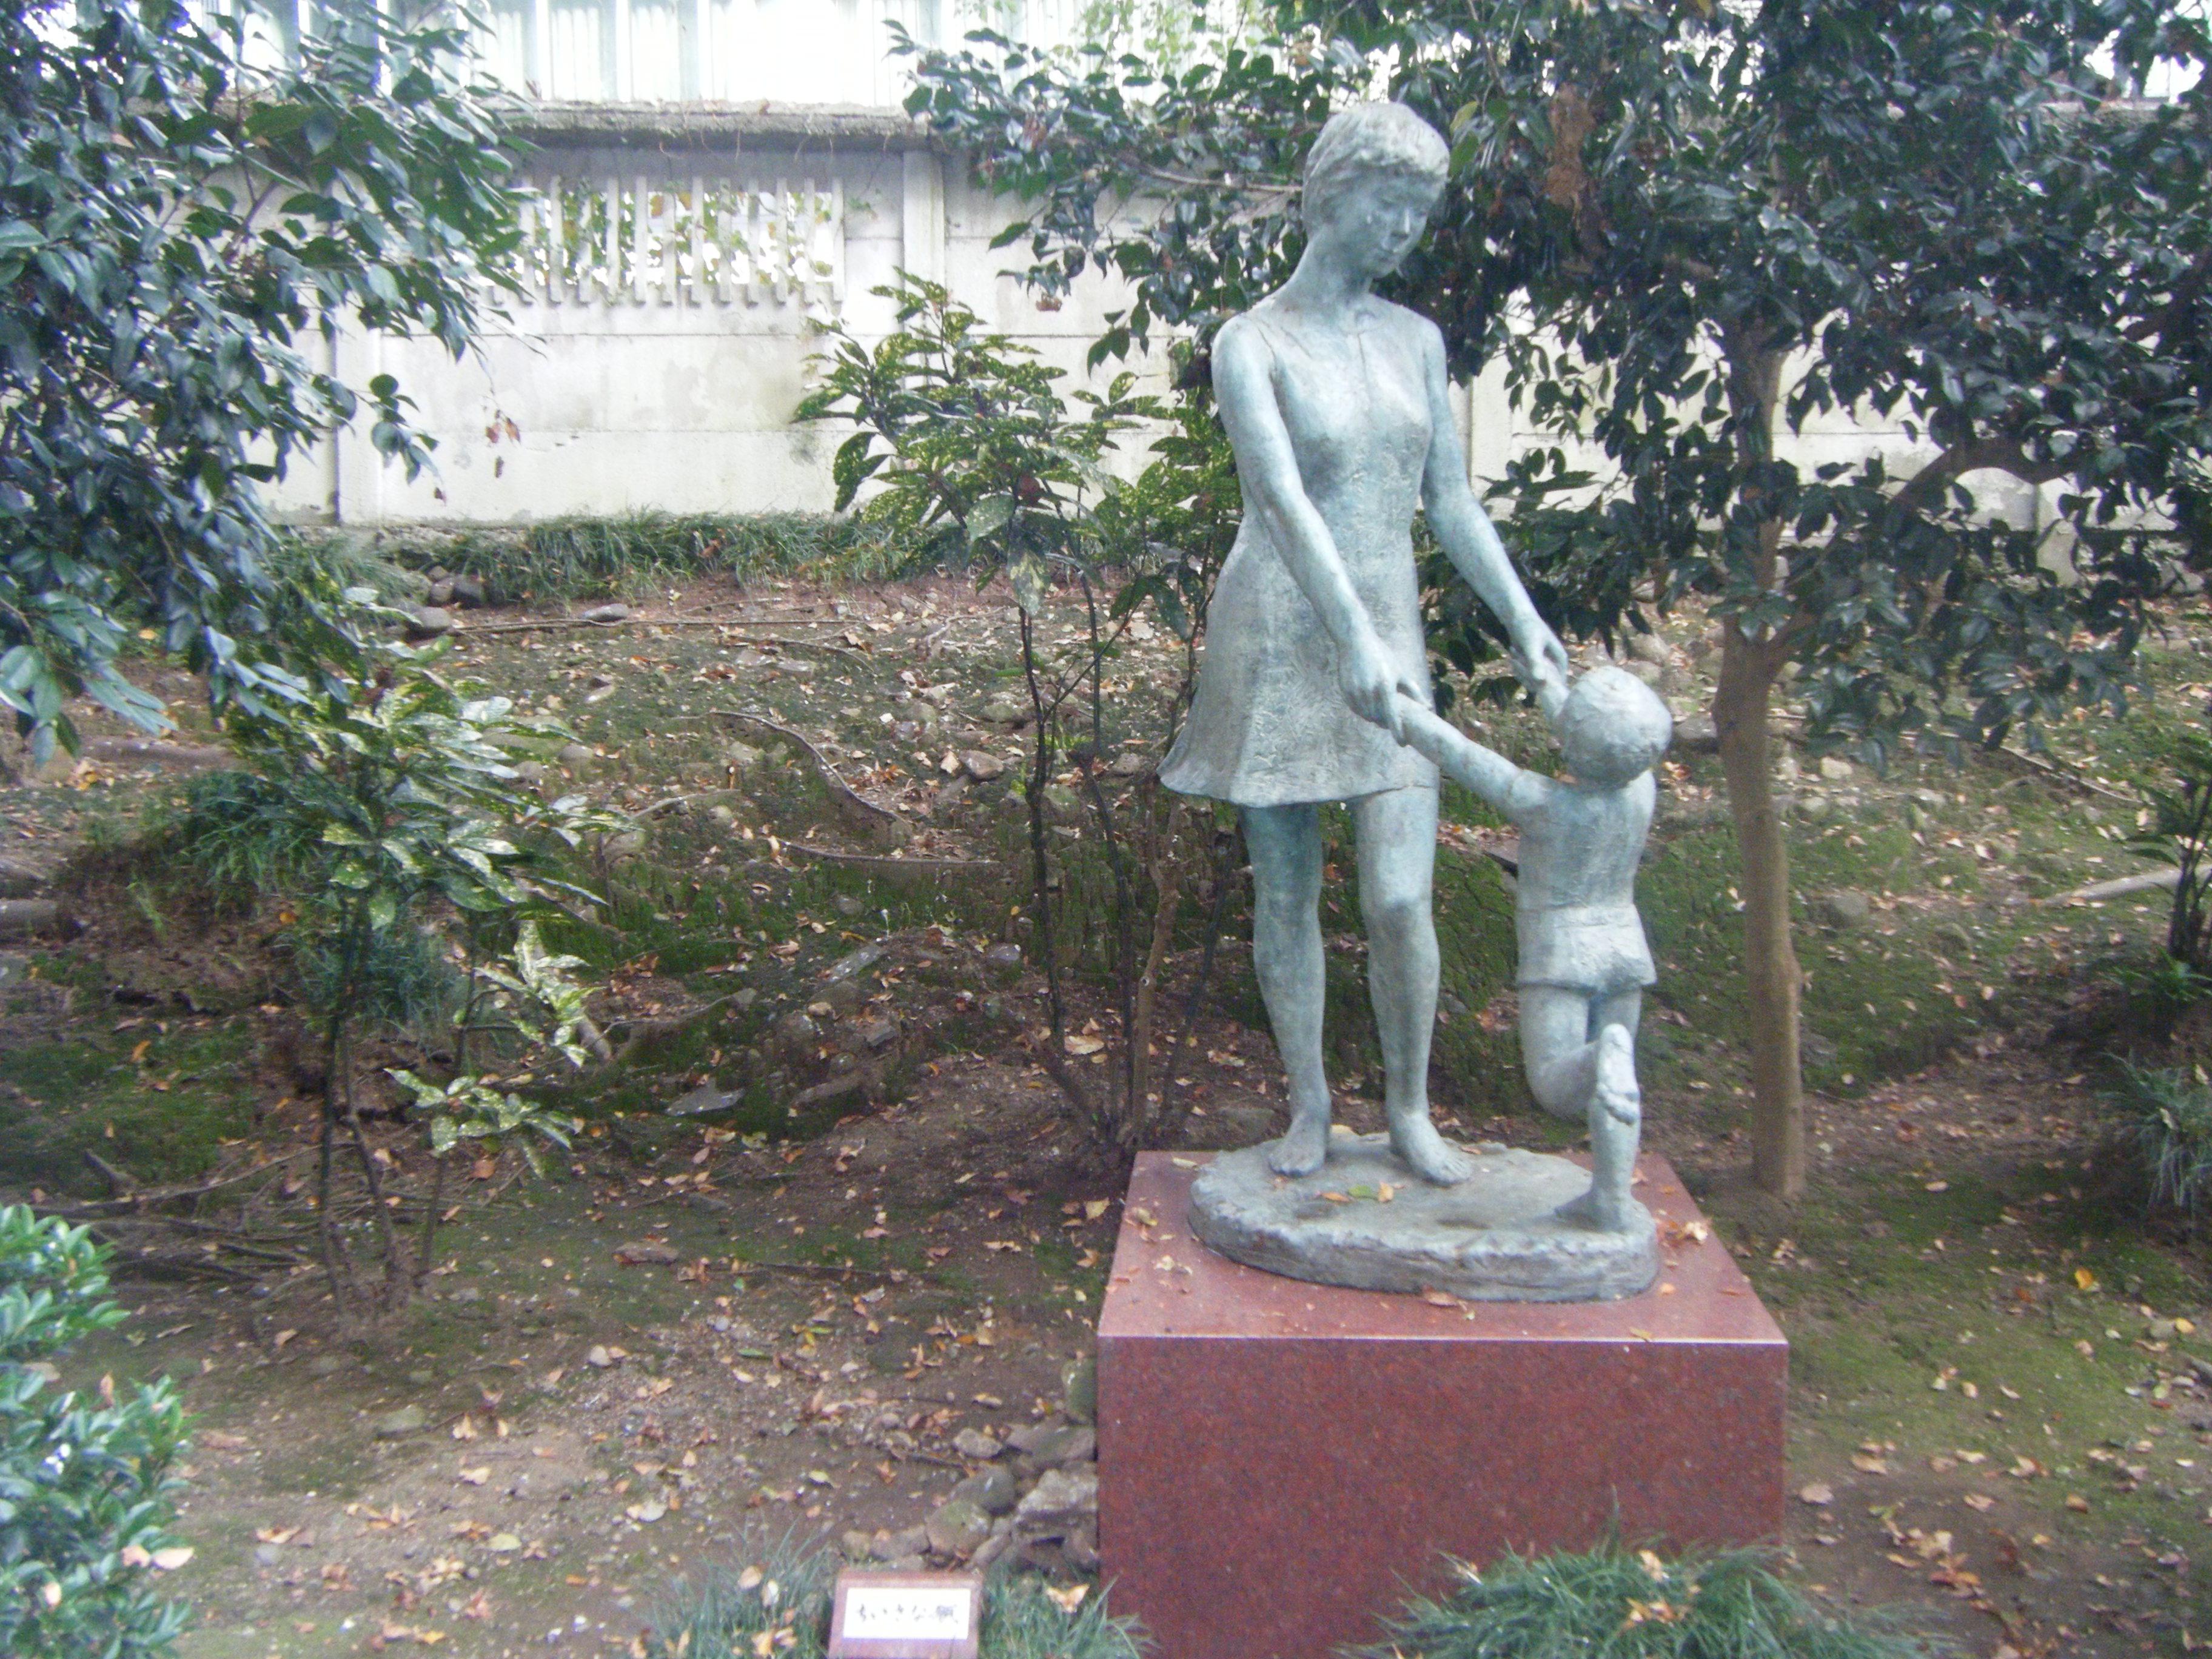 【白鳥路|金沢城の外濠公園】彫刻がいくつも飾られた静かな散策スポット